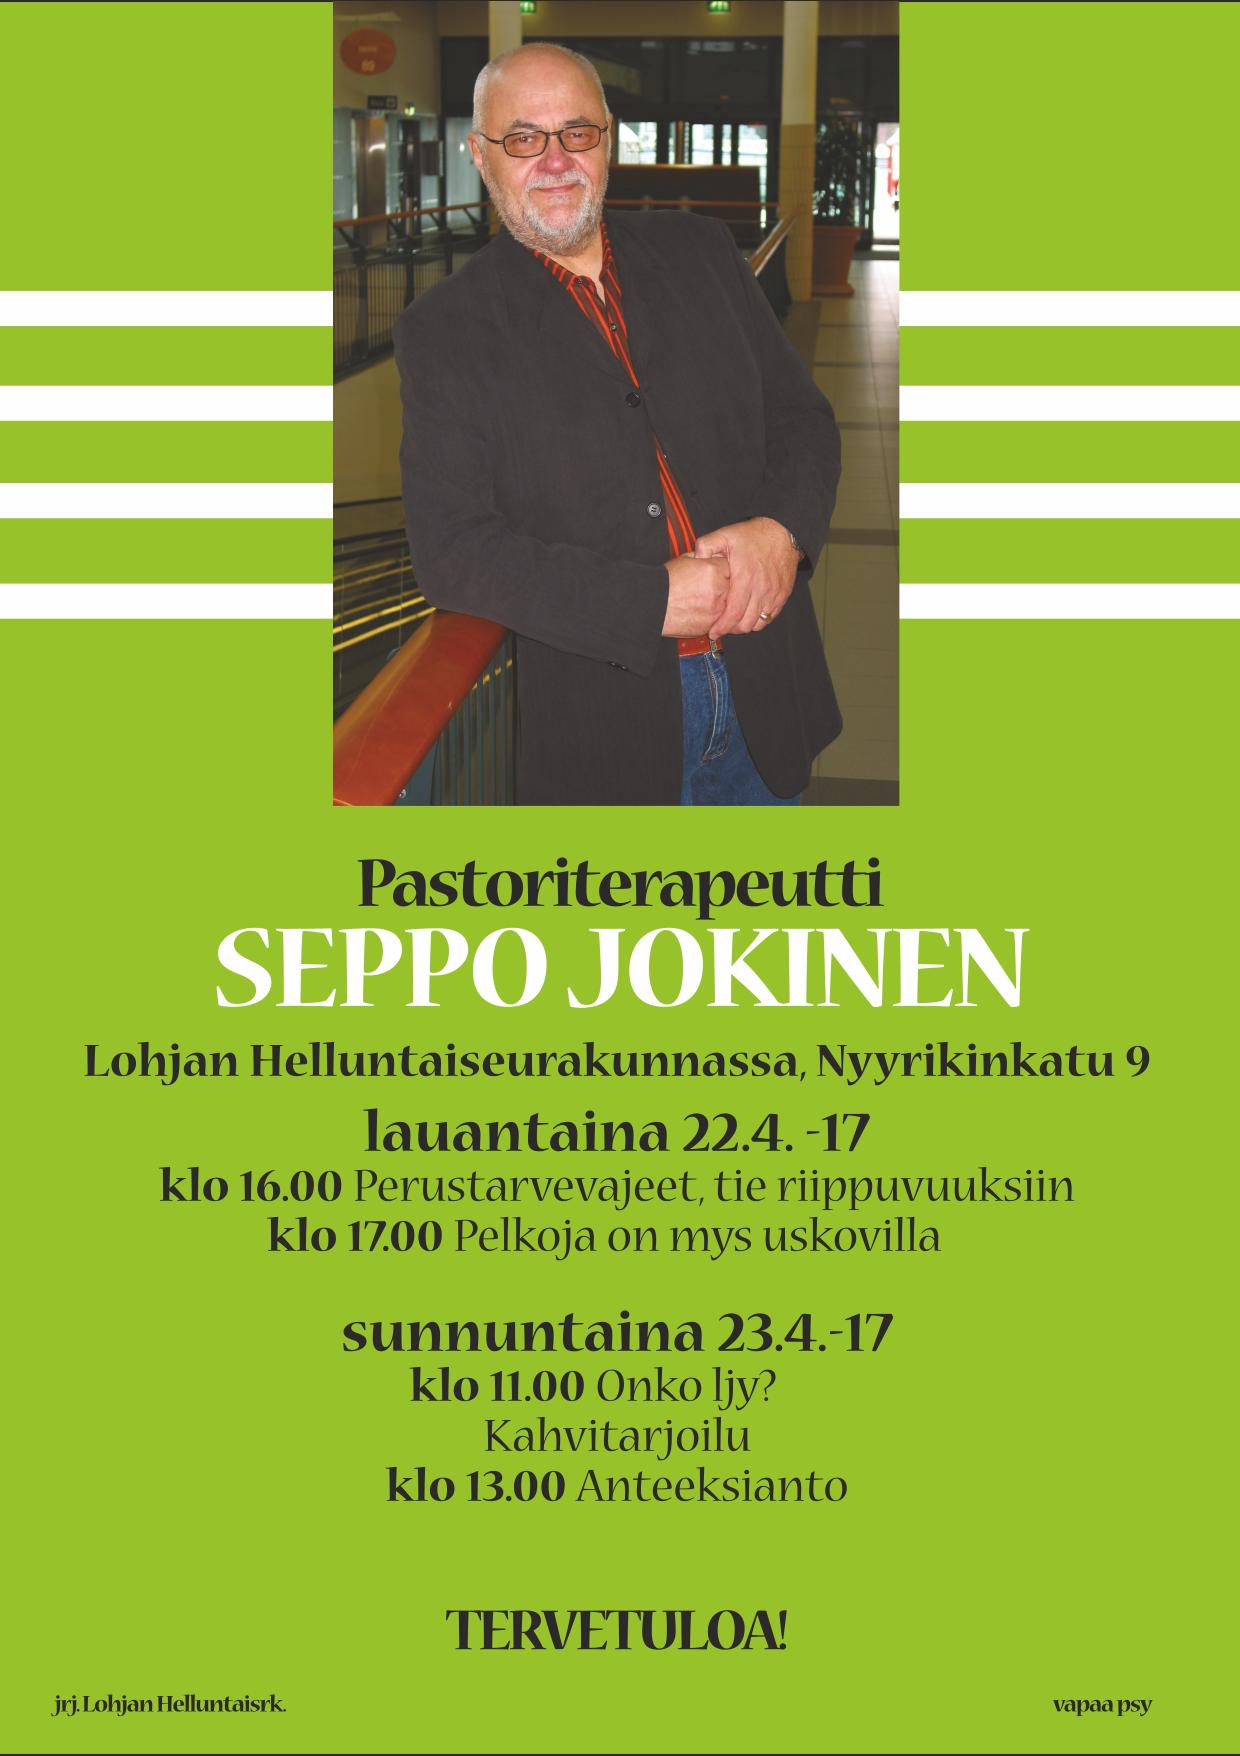 Seppo Jokinen